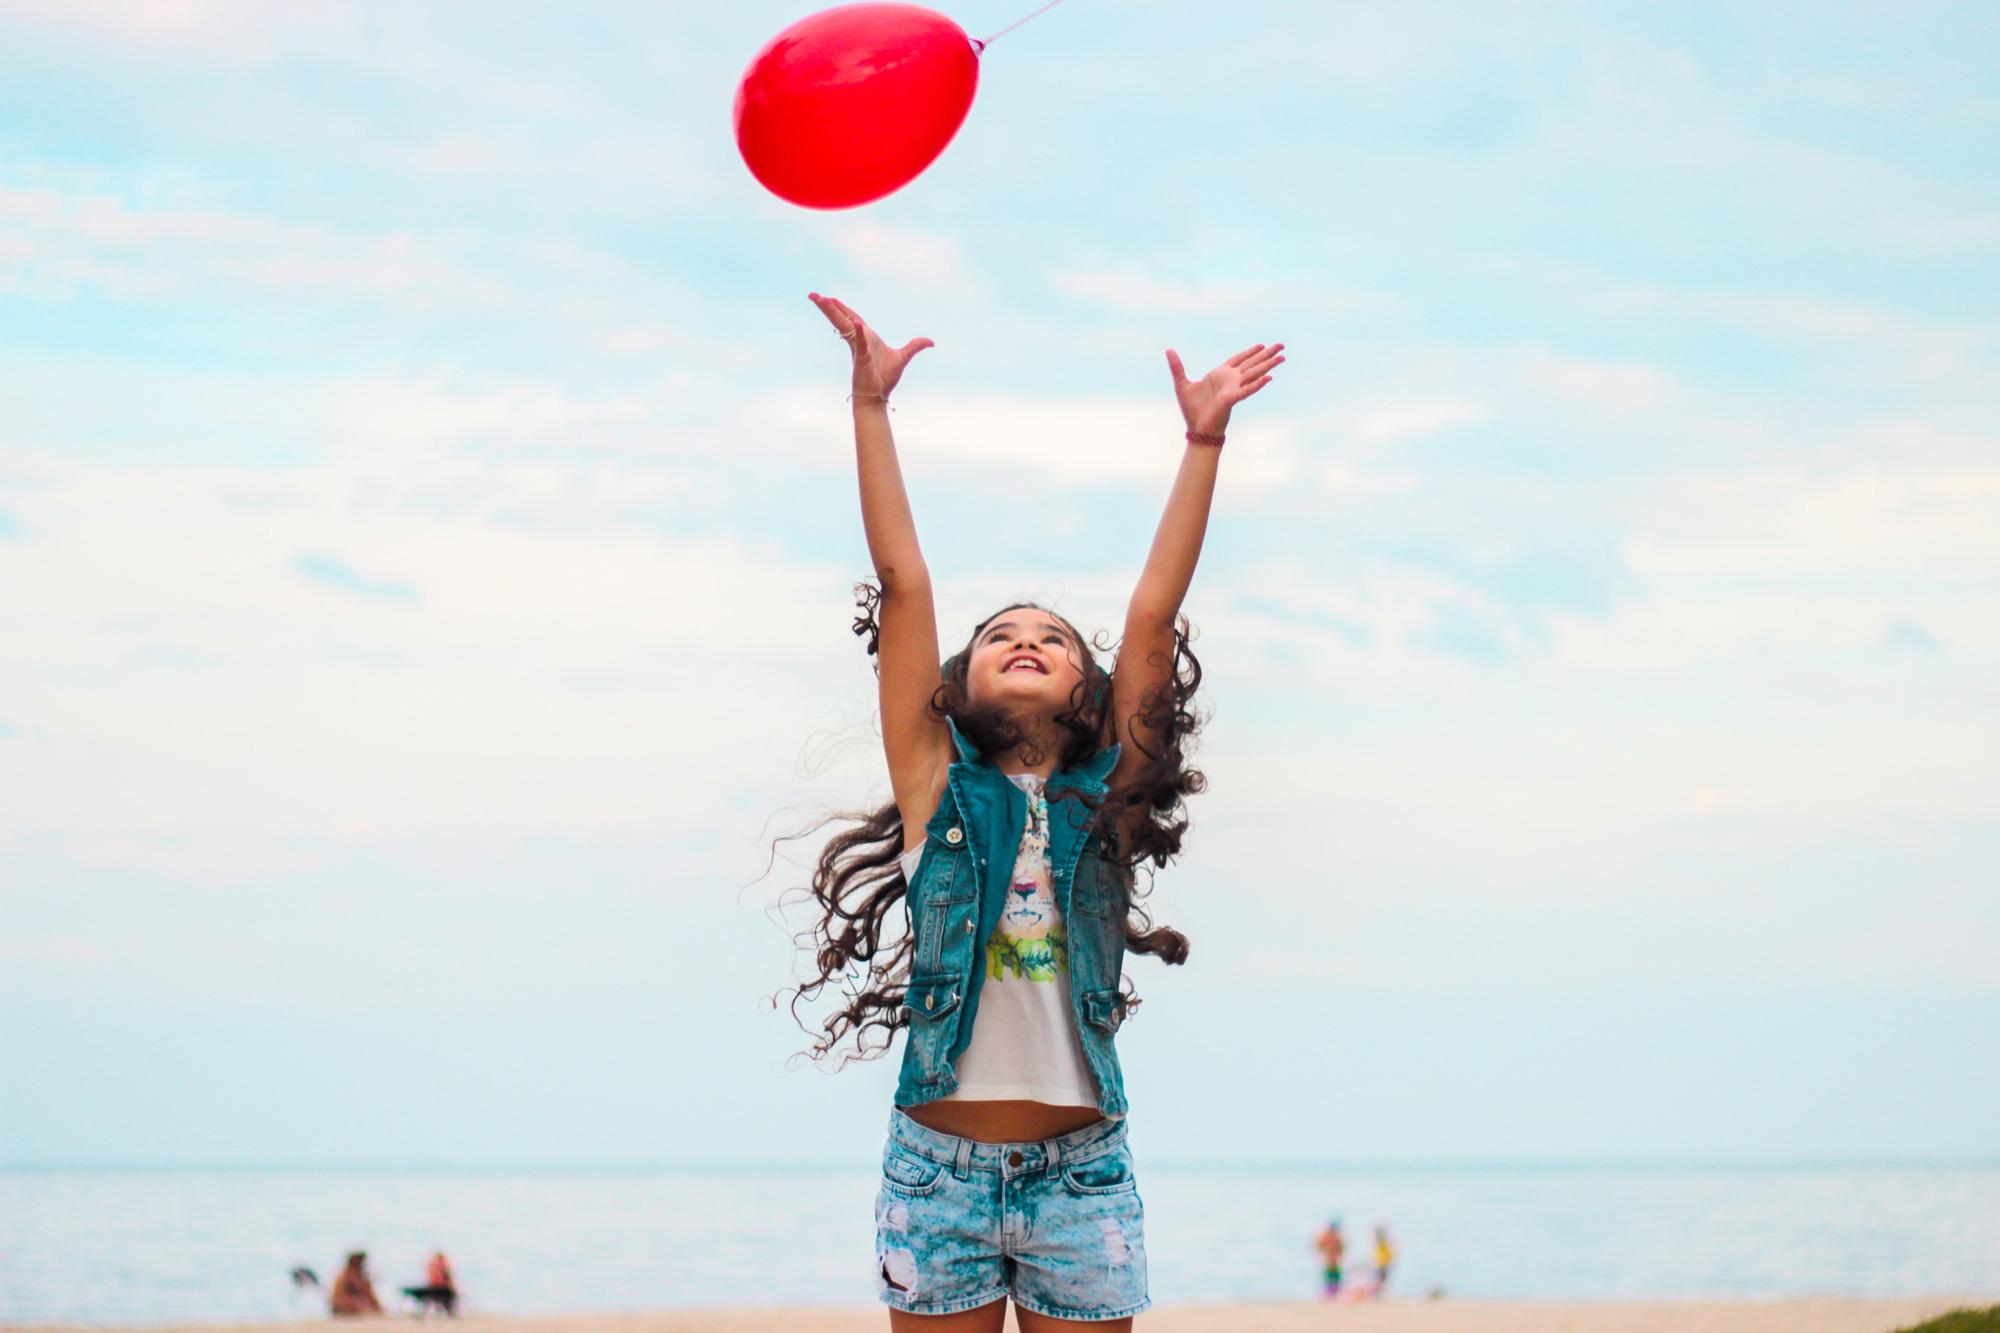 Happy girl with a ballon